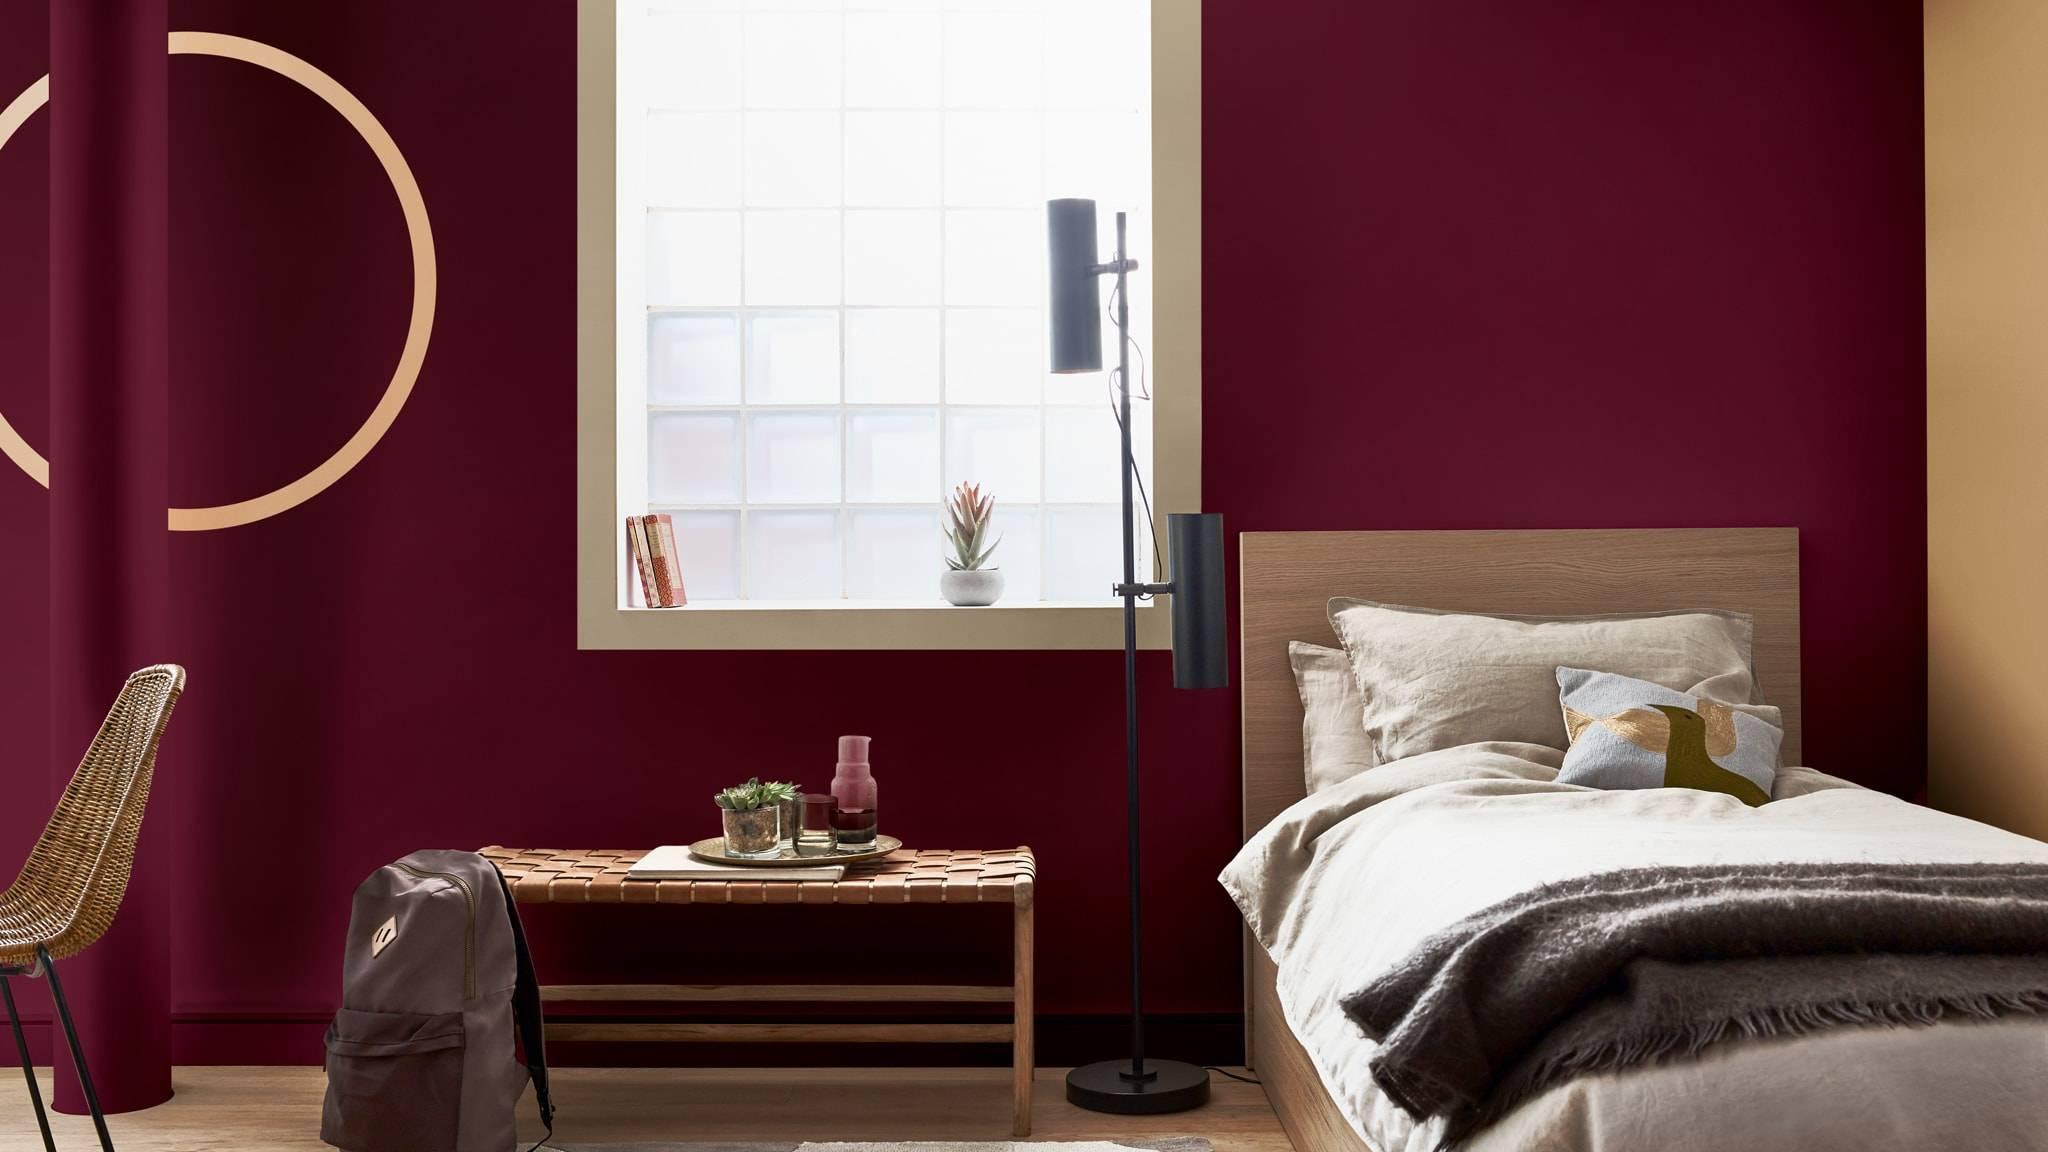 duluxvalentine couleurs futures couleur de l annee 2019 une piece pour reflechir chambre d enfant inspiration france 16